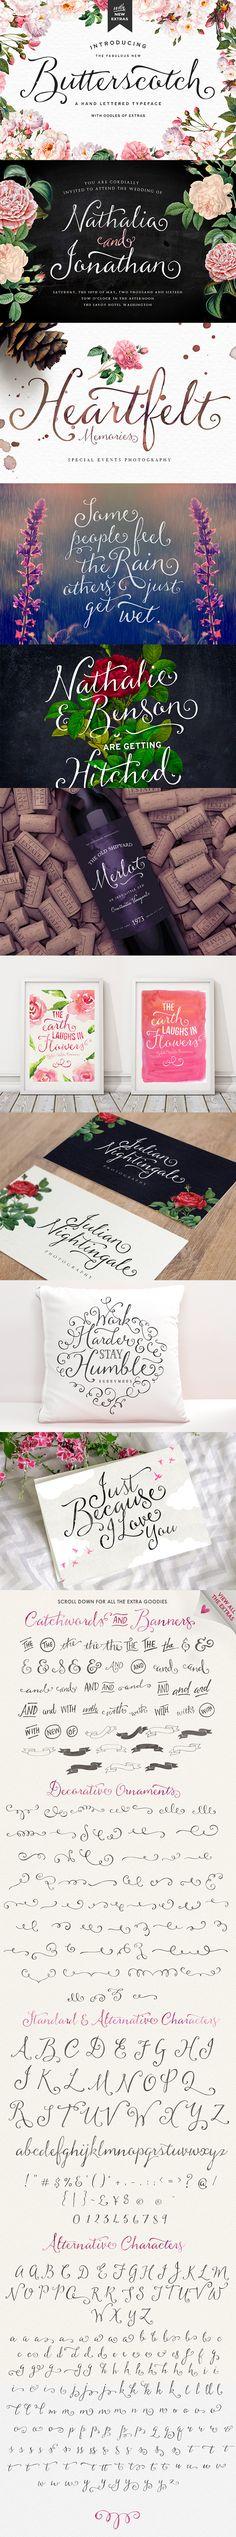 https://creativemarket.com/Nickylaatz/166895-Butterscotch-Typeface